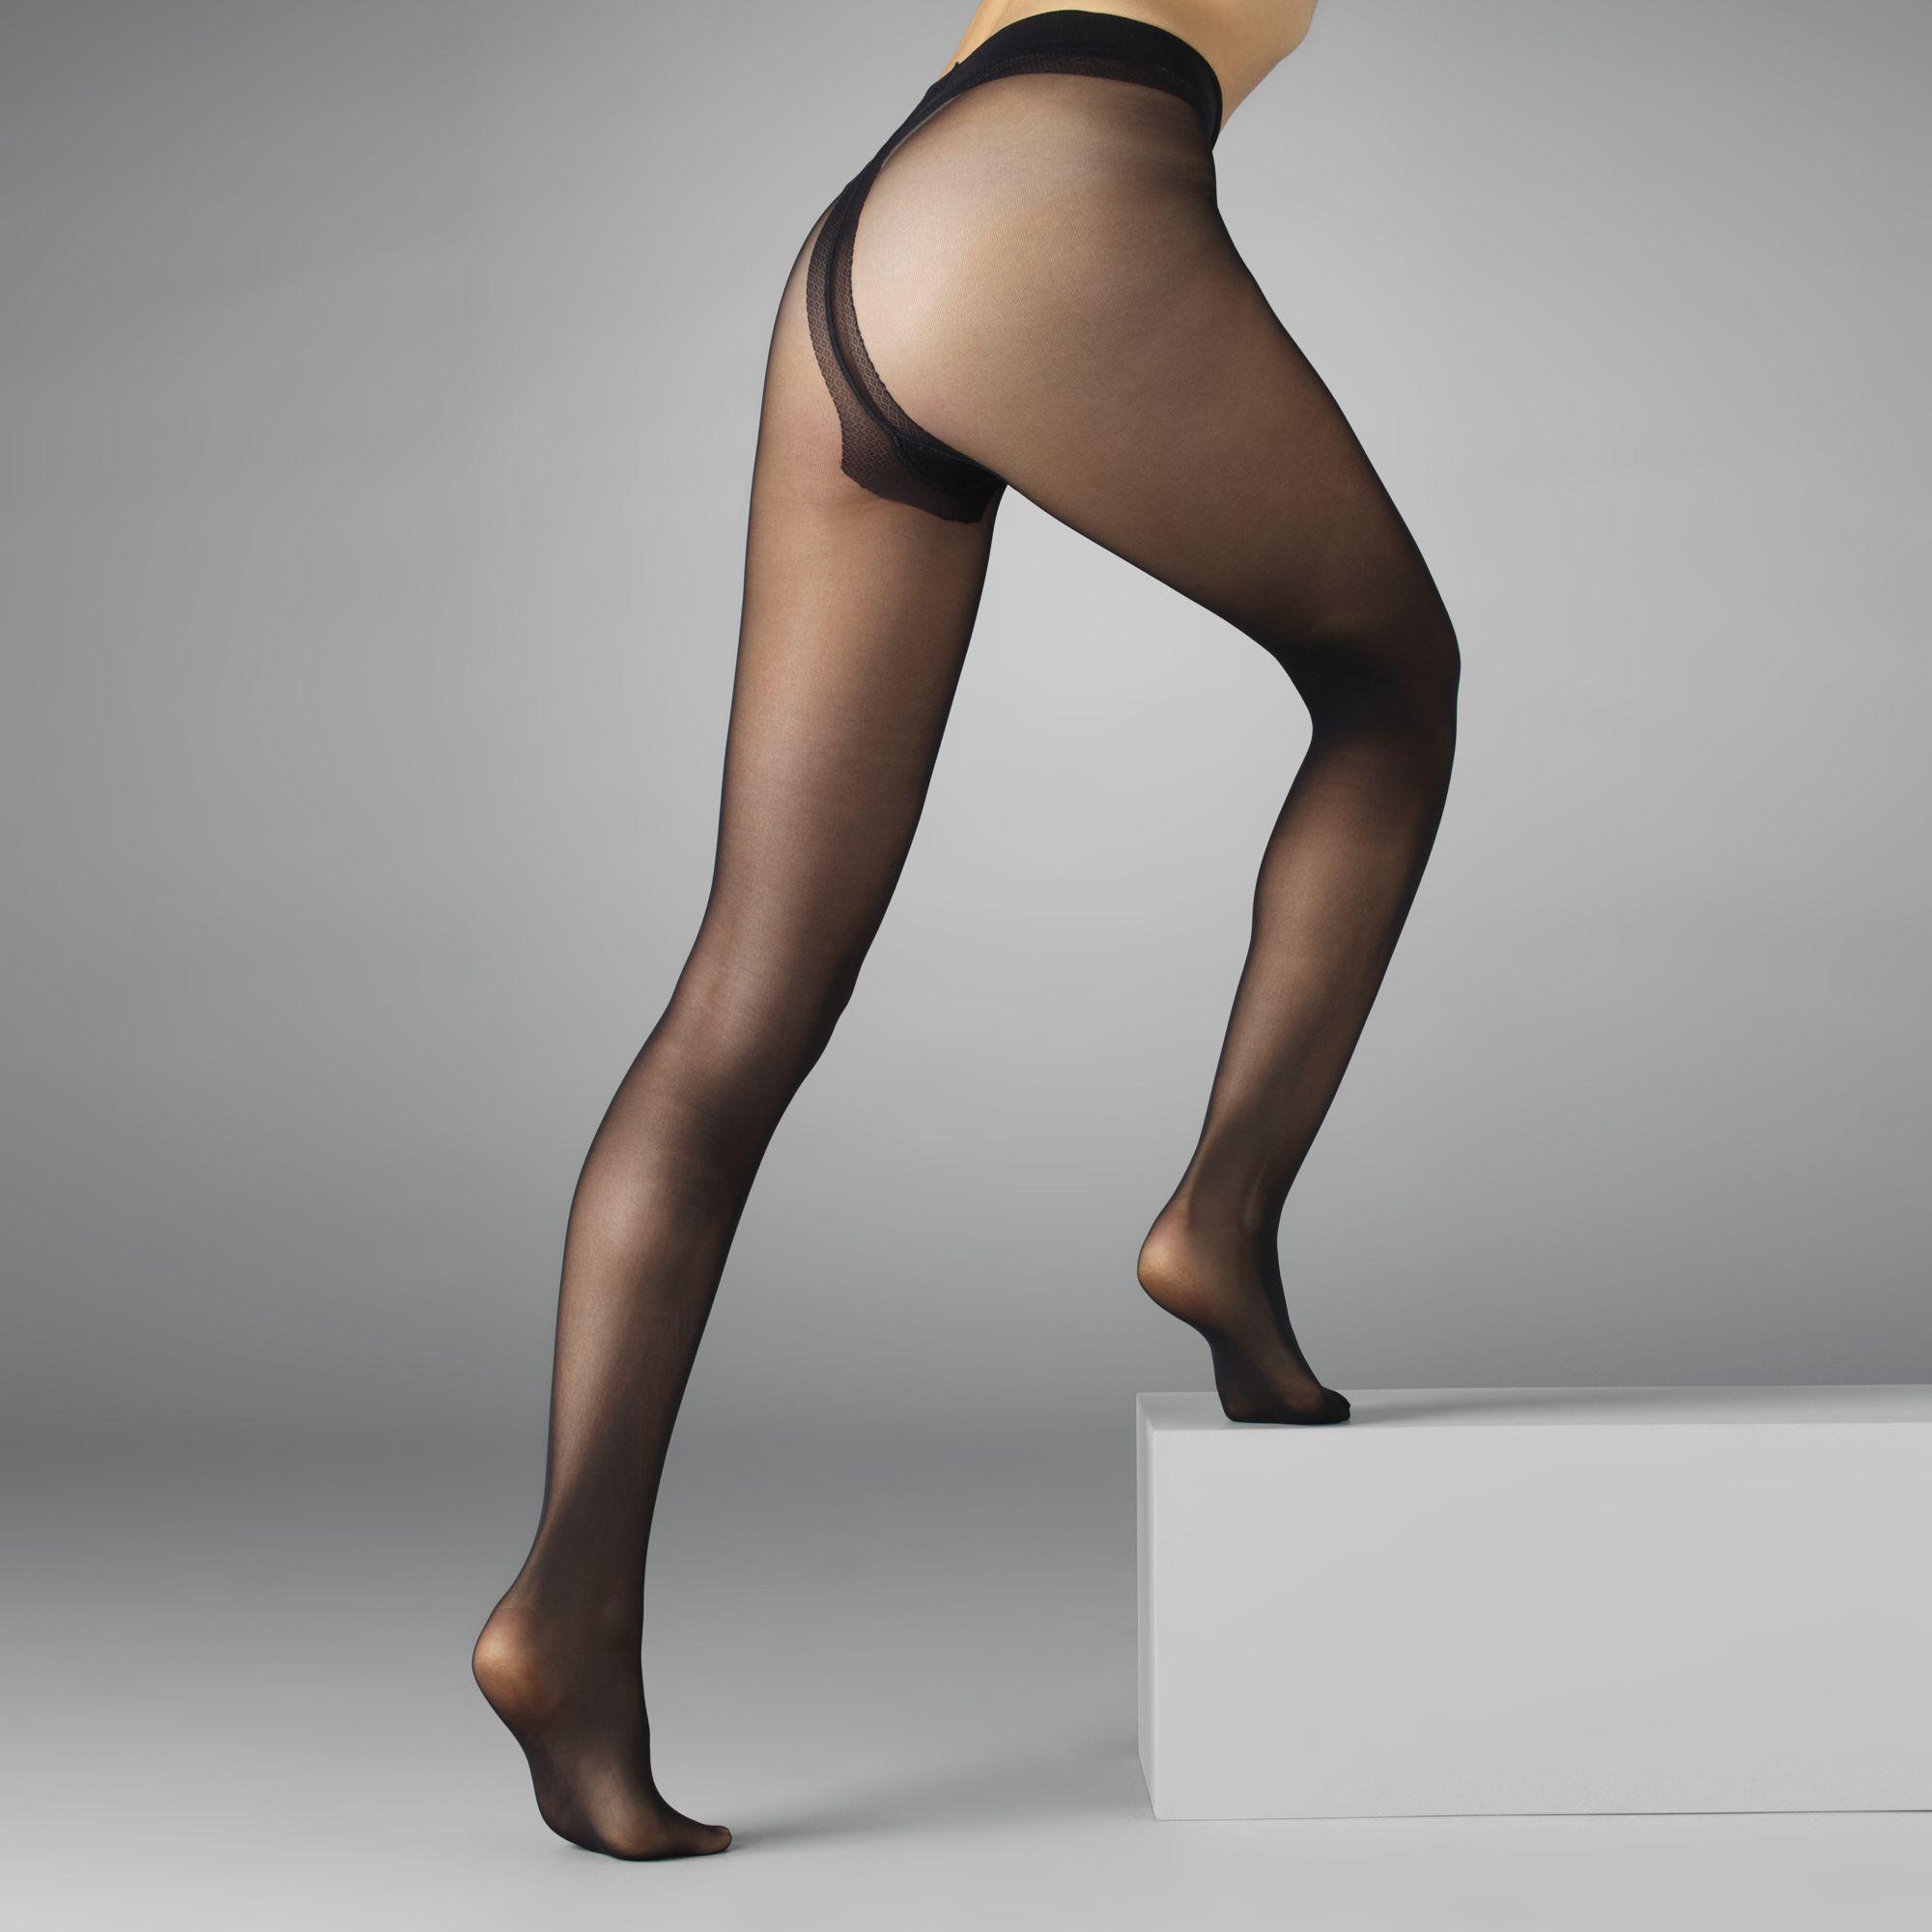 b ack pantyhose